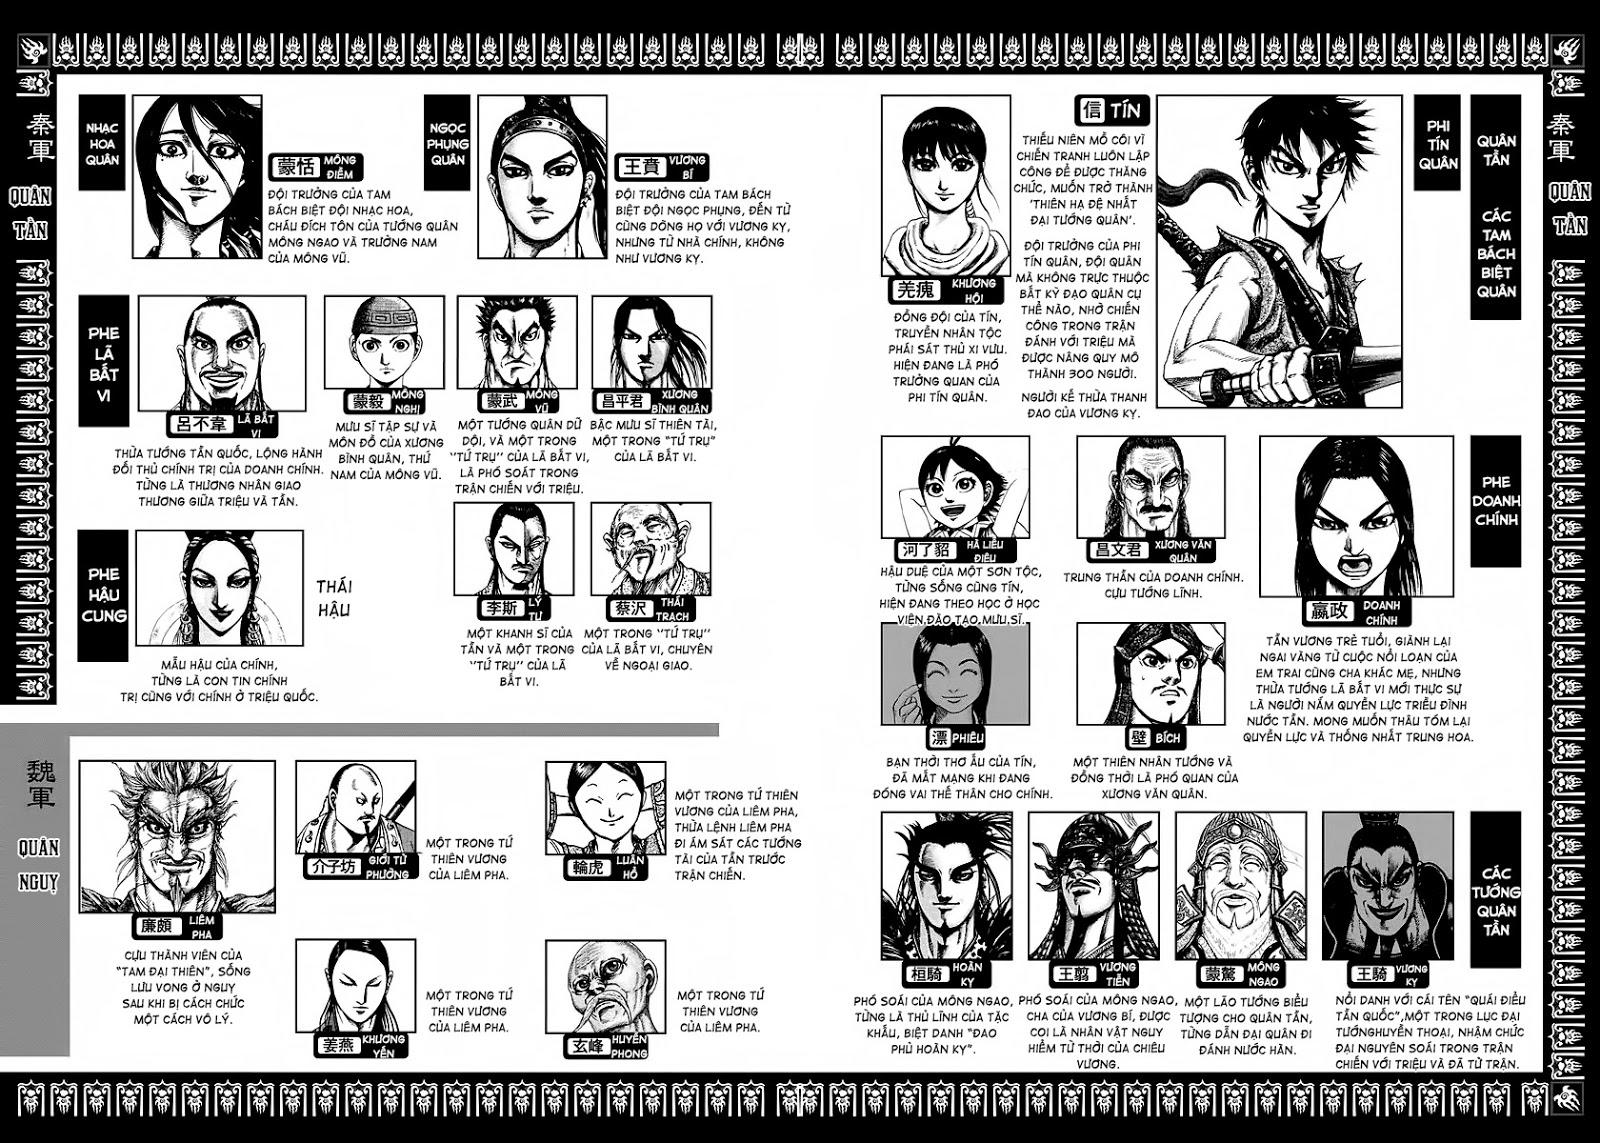 Kingdom – Vương Giả Thiên Hạ (Tổng Hợp) chap 207 page 4 - IZTruyenTranh.com